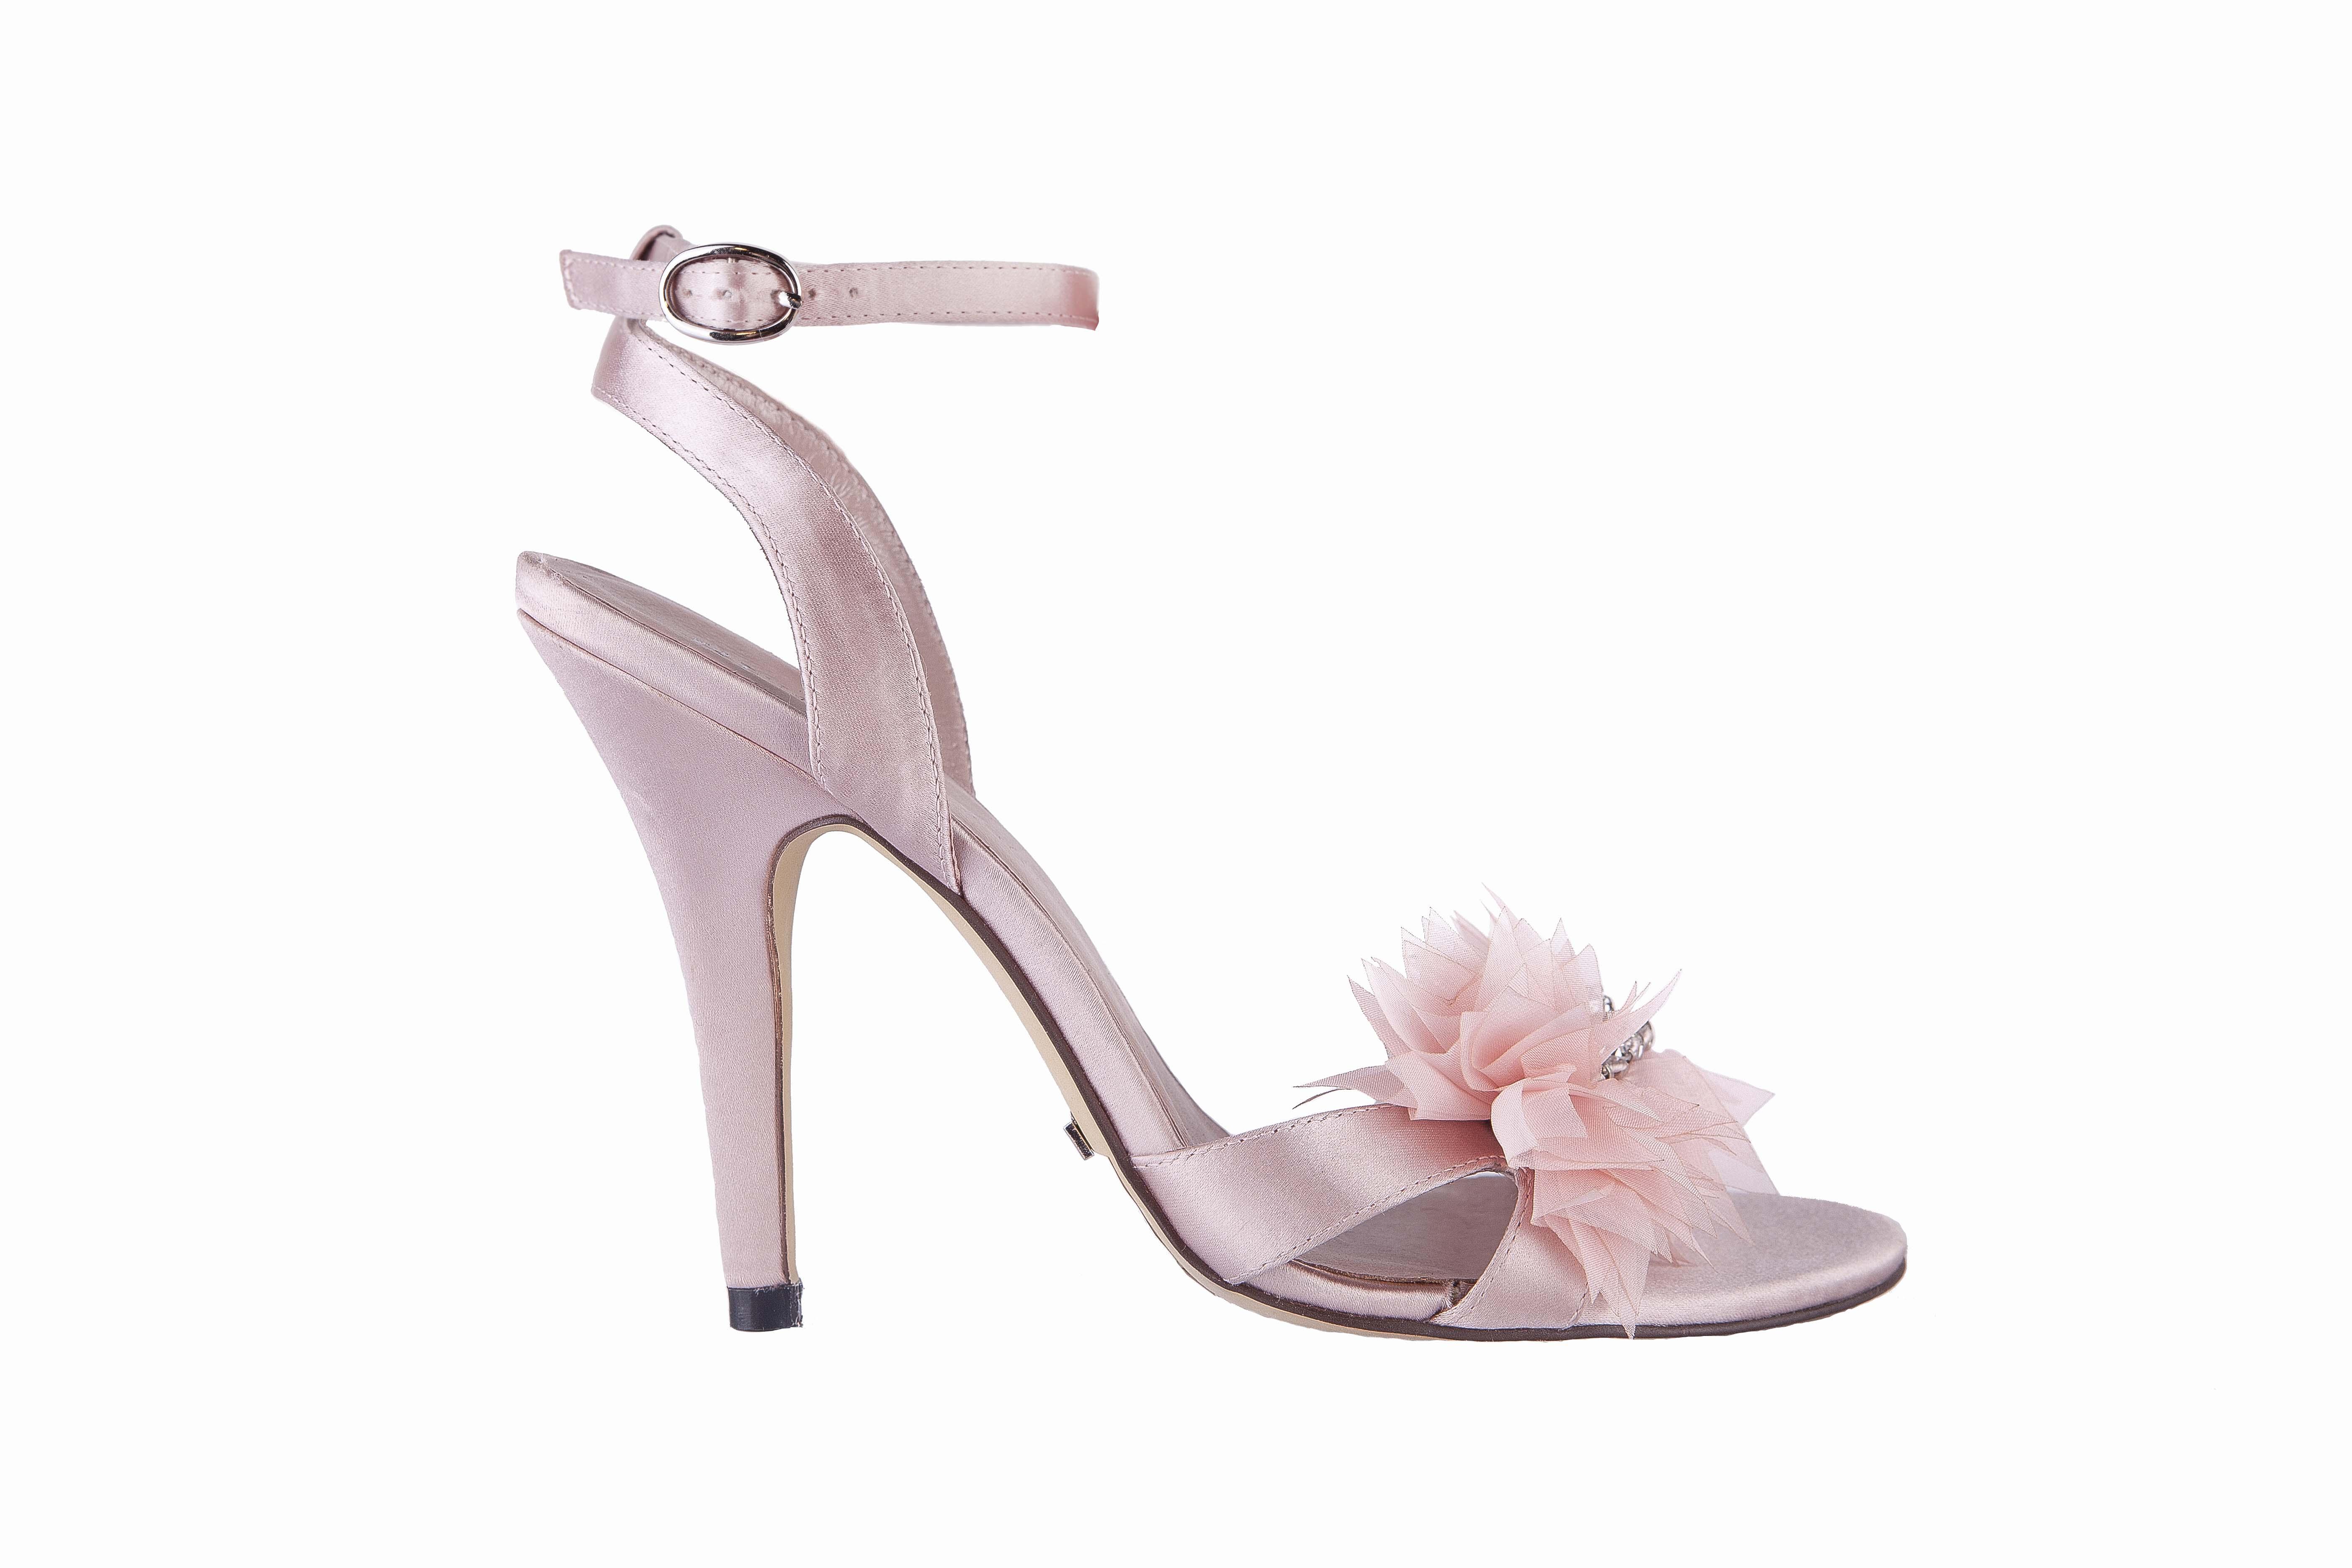 efd92a83 Róż » 329zł, różowe sandałki, MENBUR buty ślubne, buty do ślubu ...